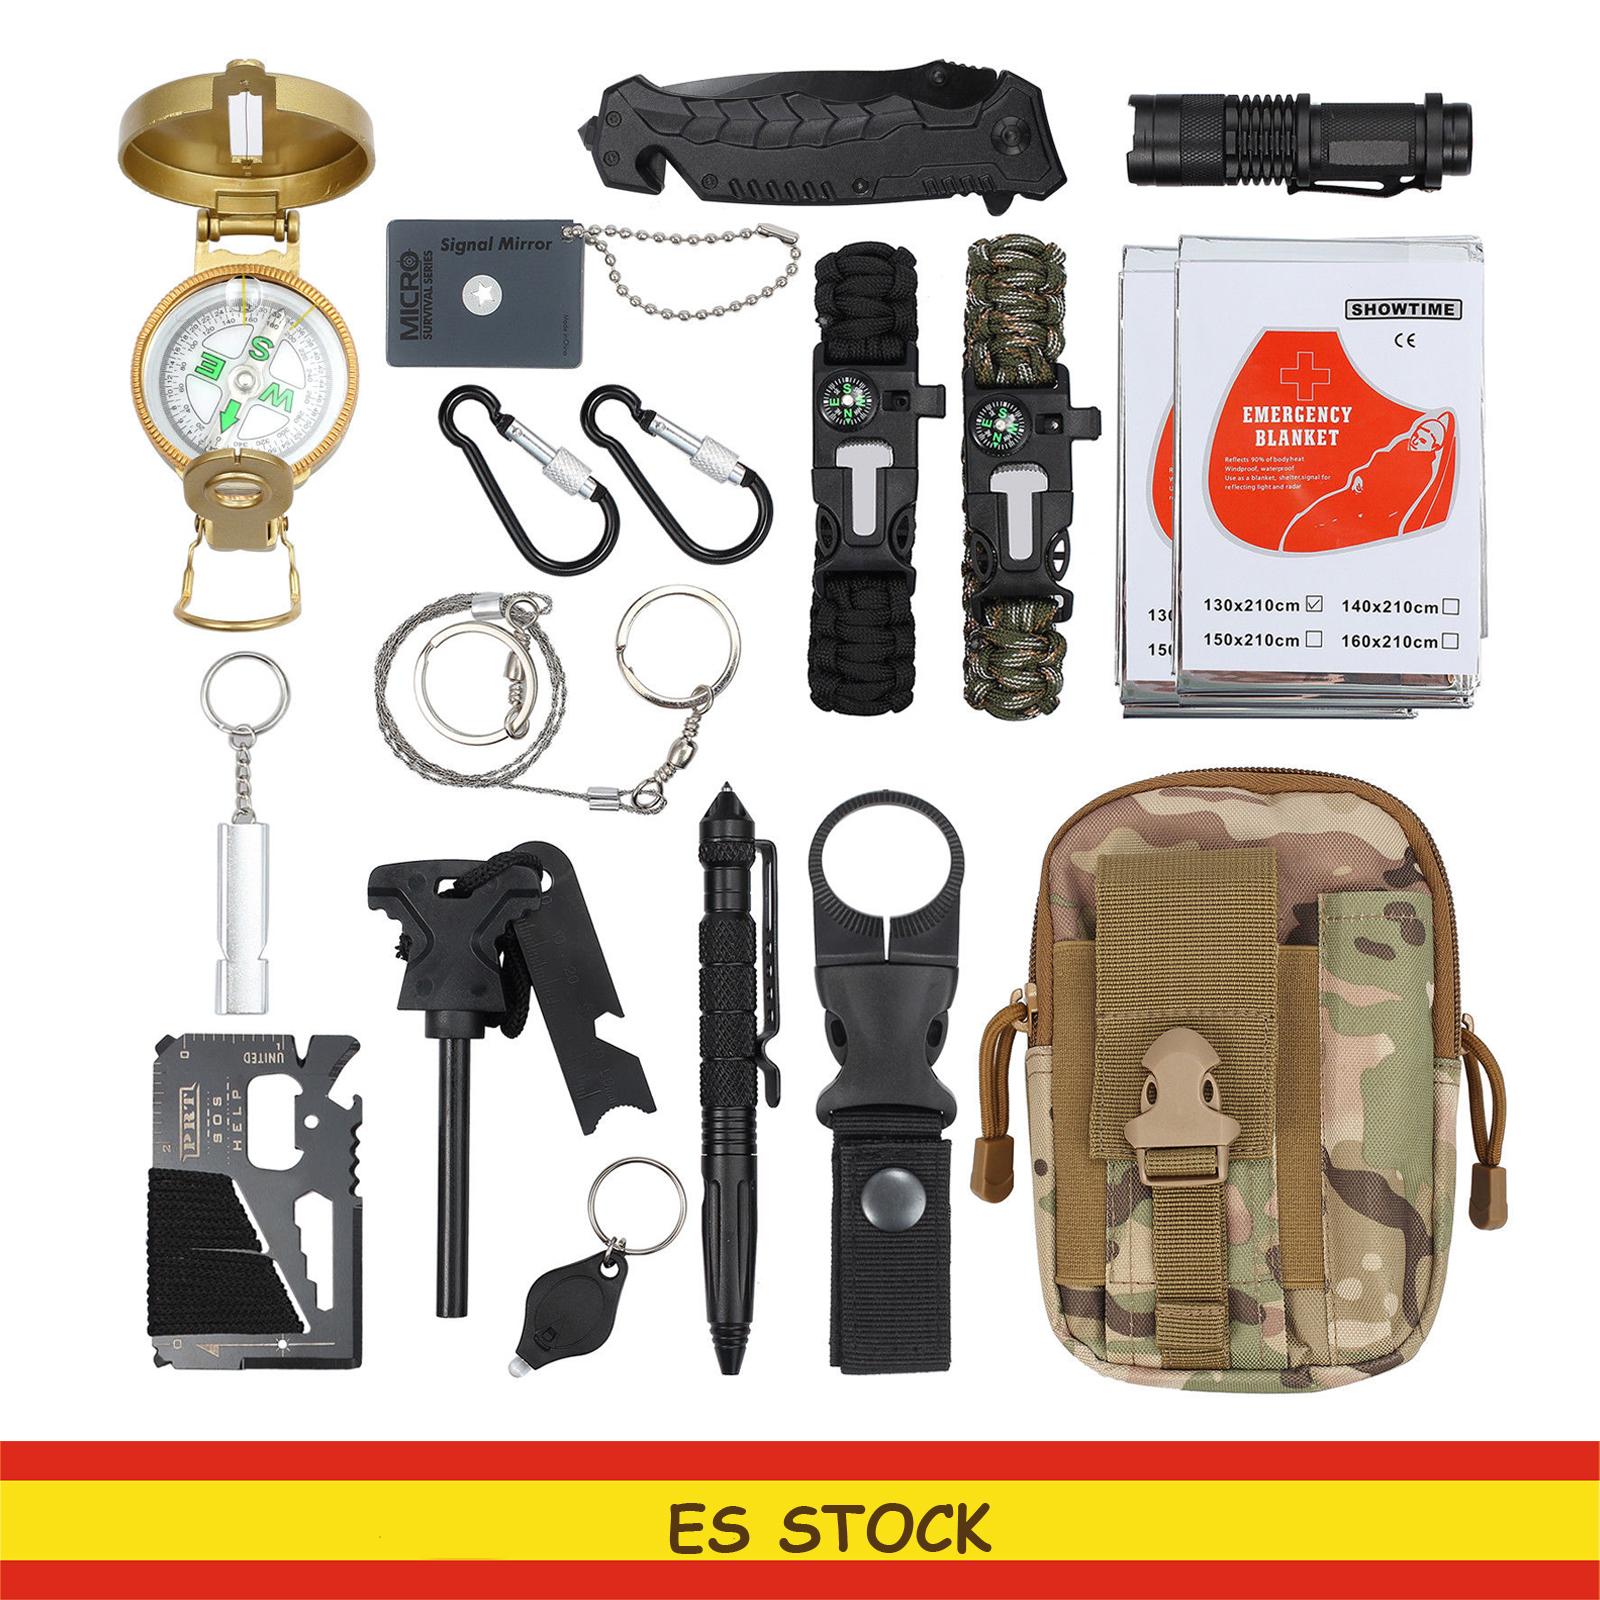 Kit de Supervivencia Profesional de Emergencia para excursión Camping 18 en 1